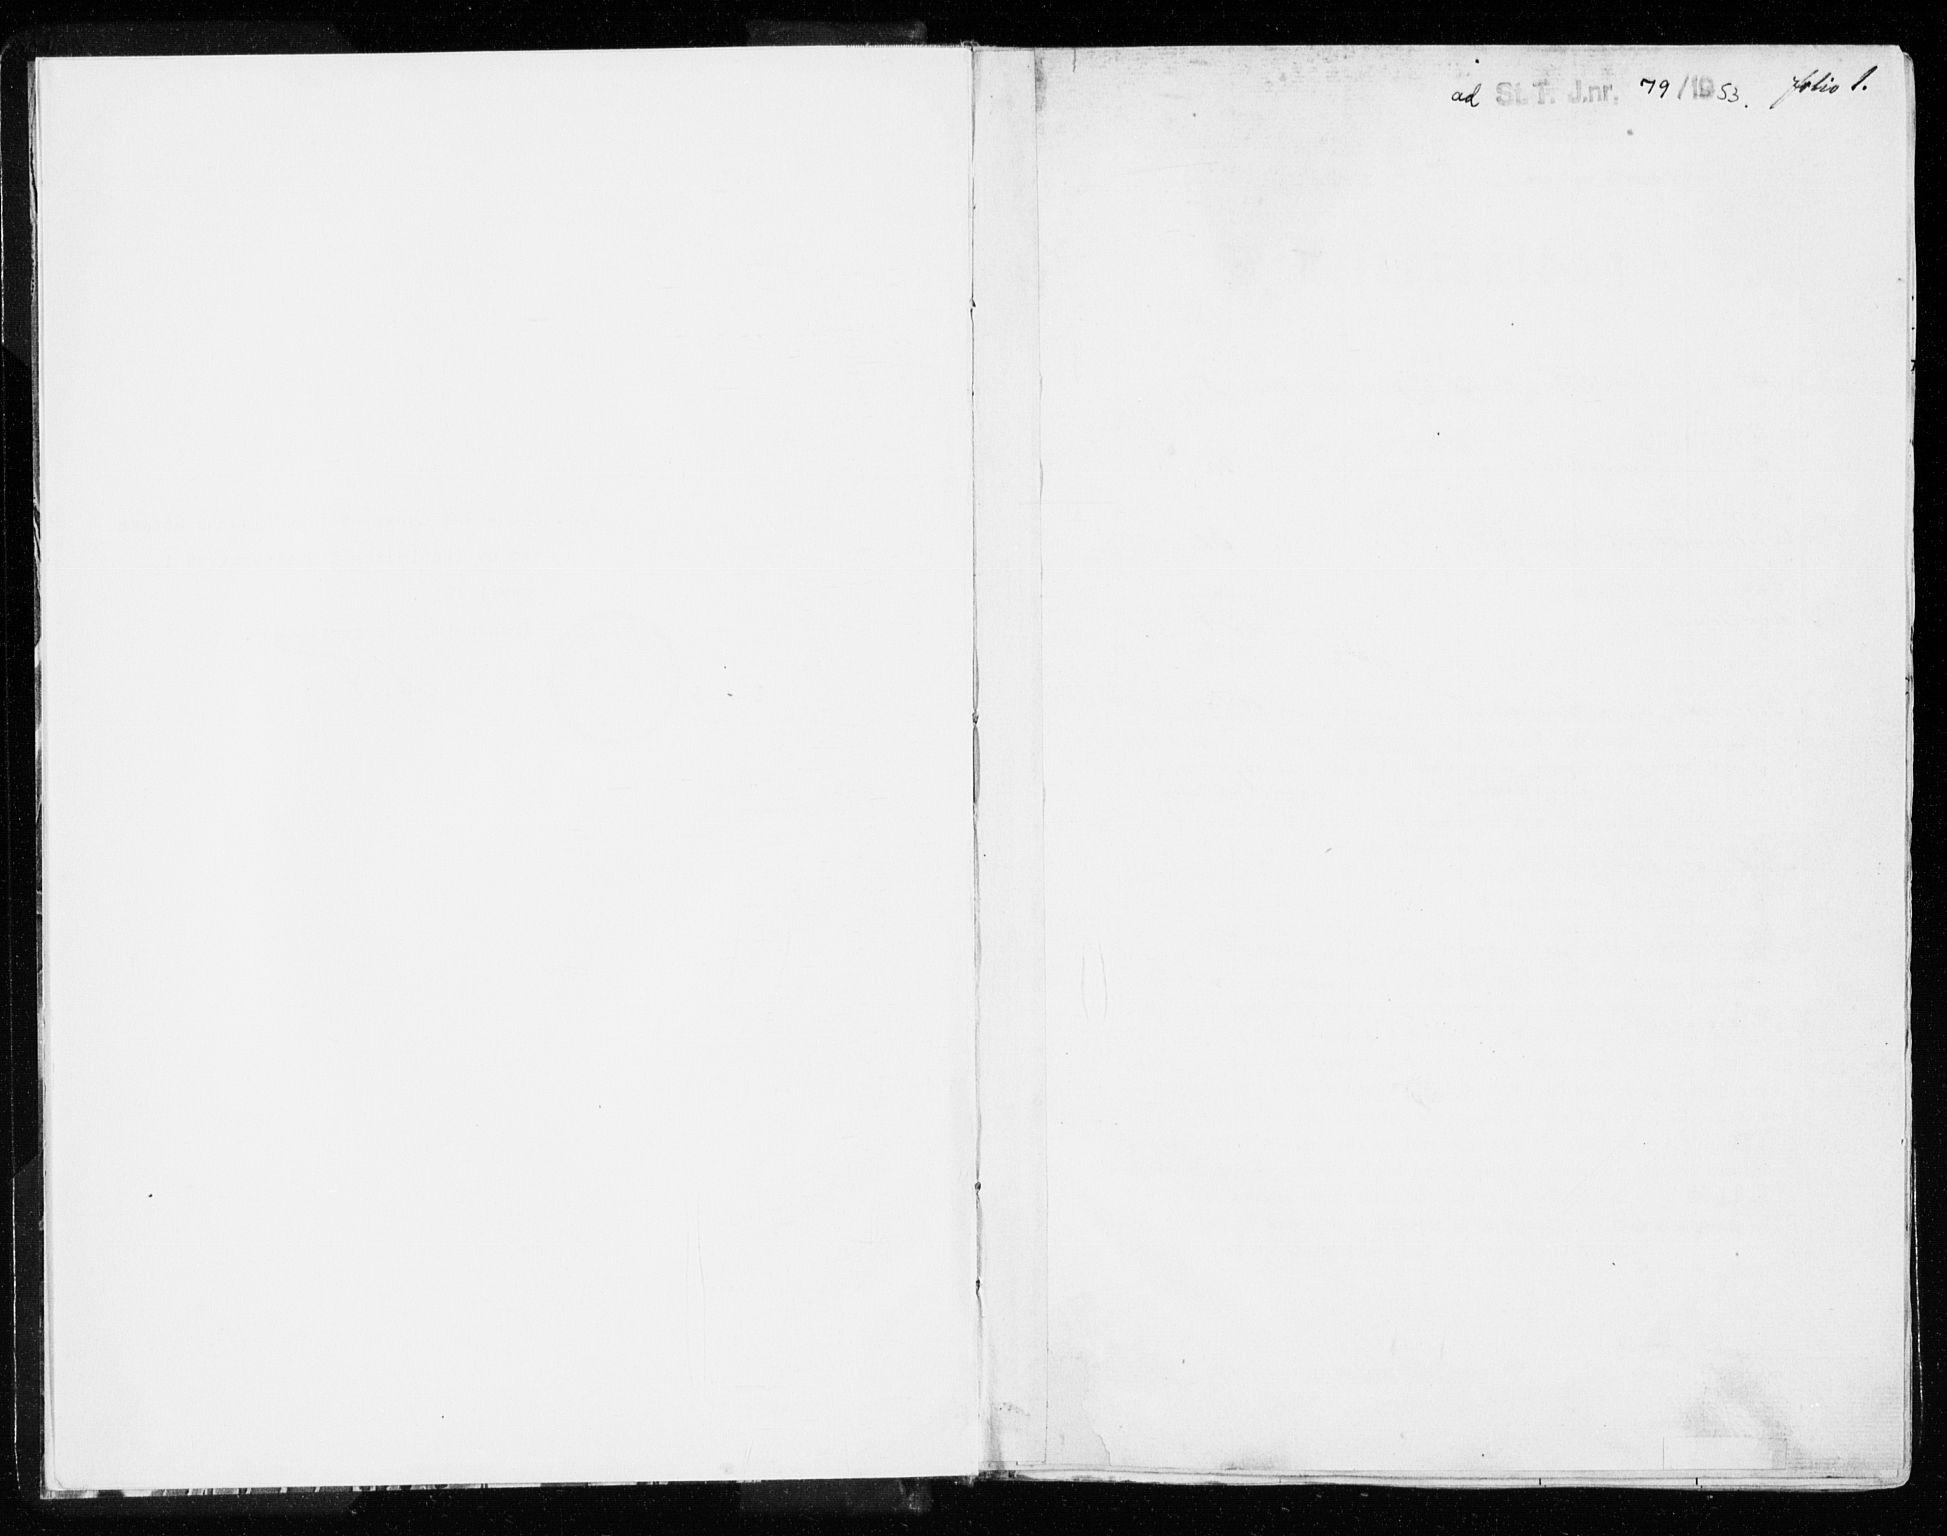 SAT, Ministerialprotokoller, klokkerbøker og fødselsregistre - Sør-Trøndelag, 655/L0677: Ministerialbok nr. 655A06, 1847-1860, s. 1